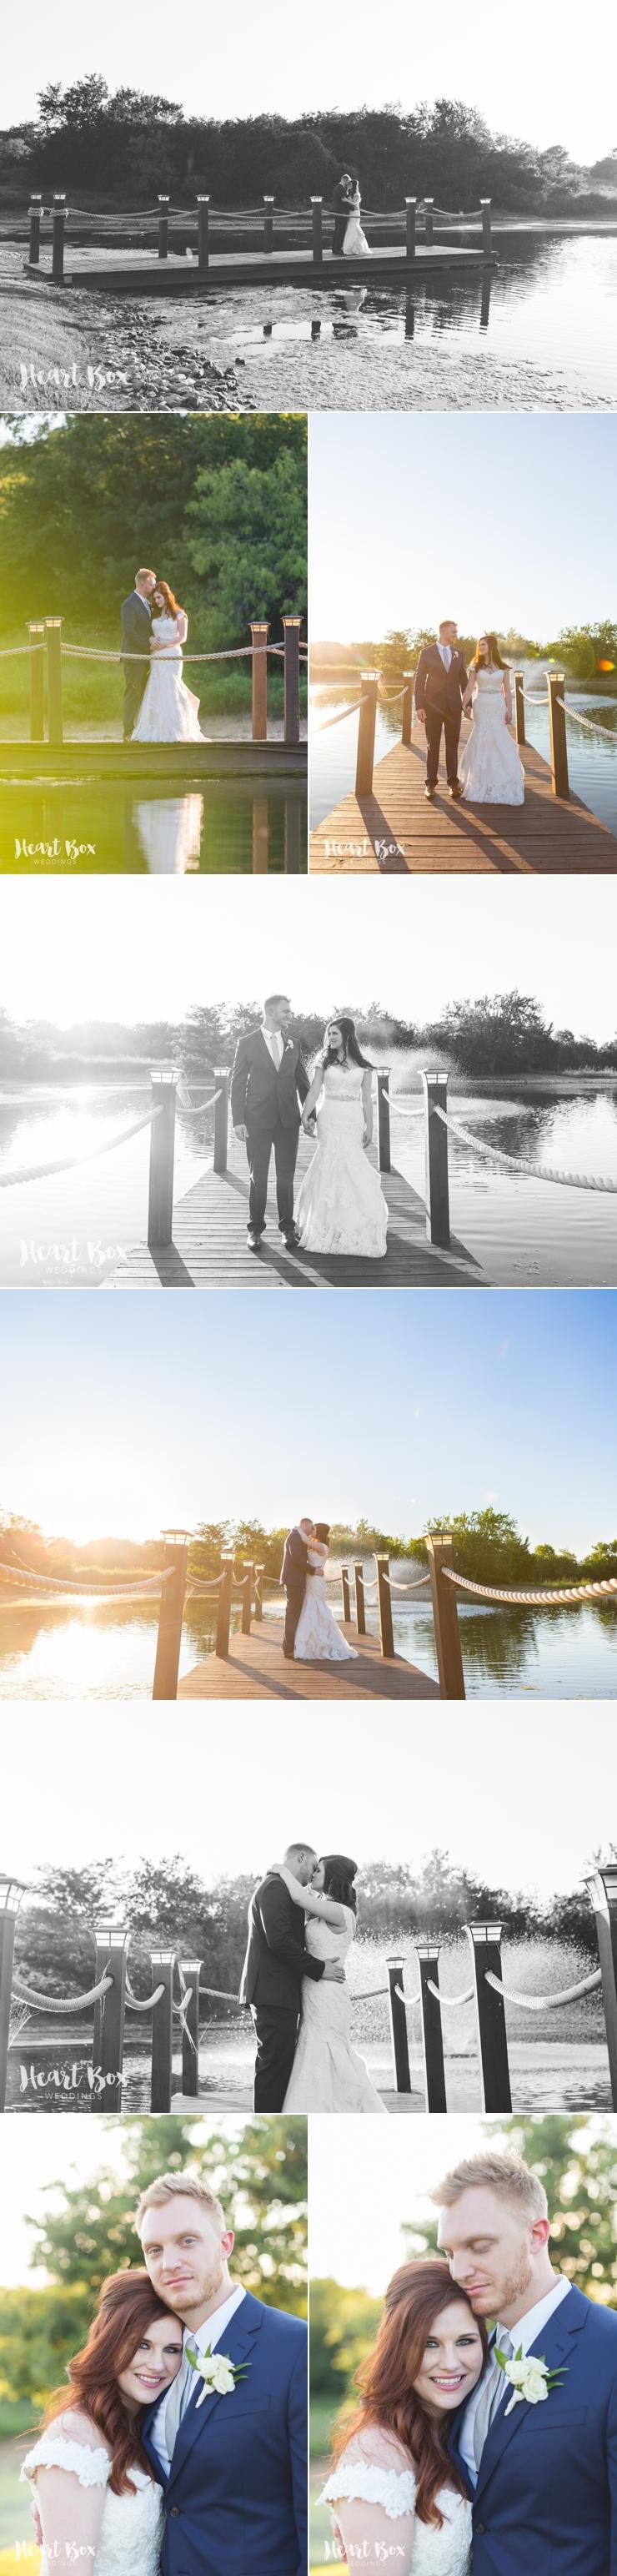 Muprhey Wedding Blog Collages 23.jpg